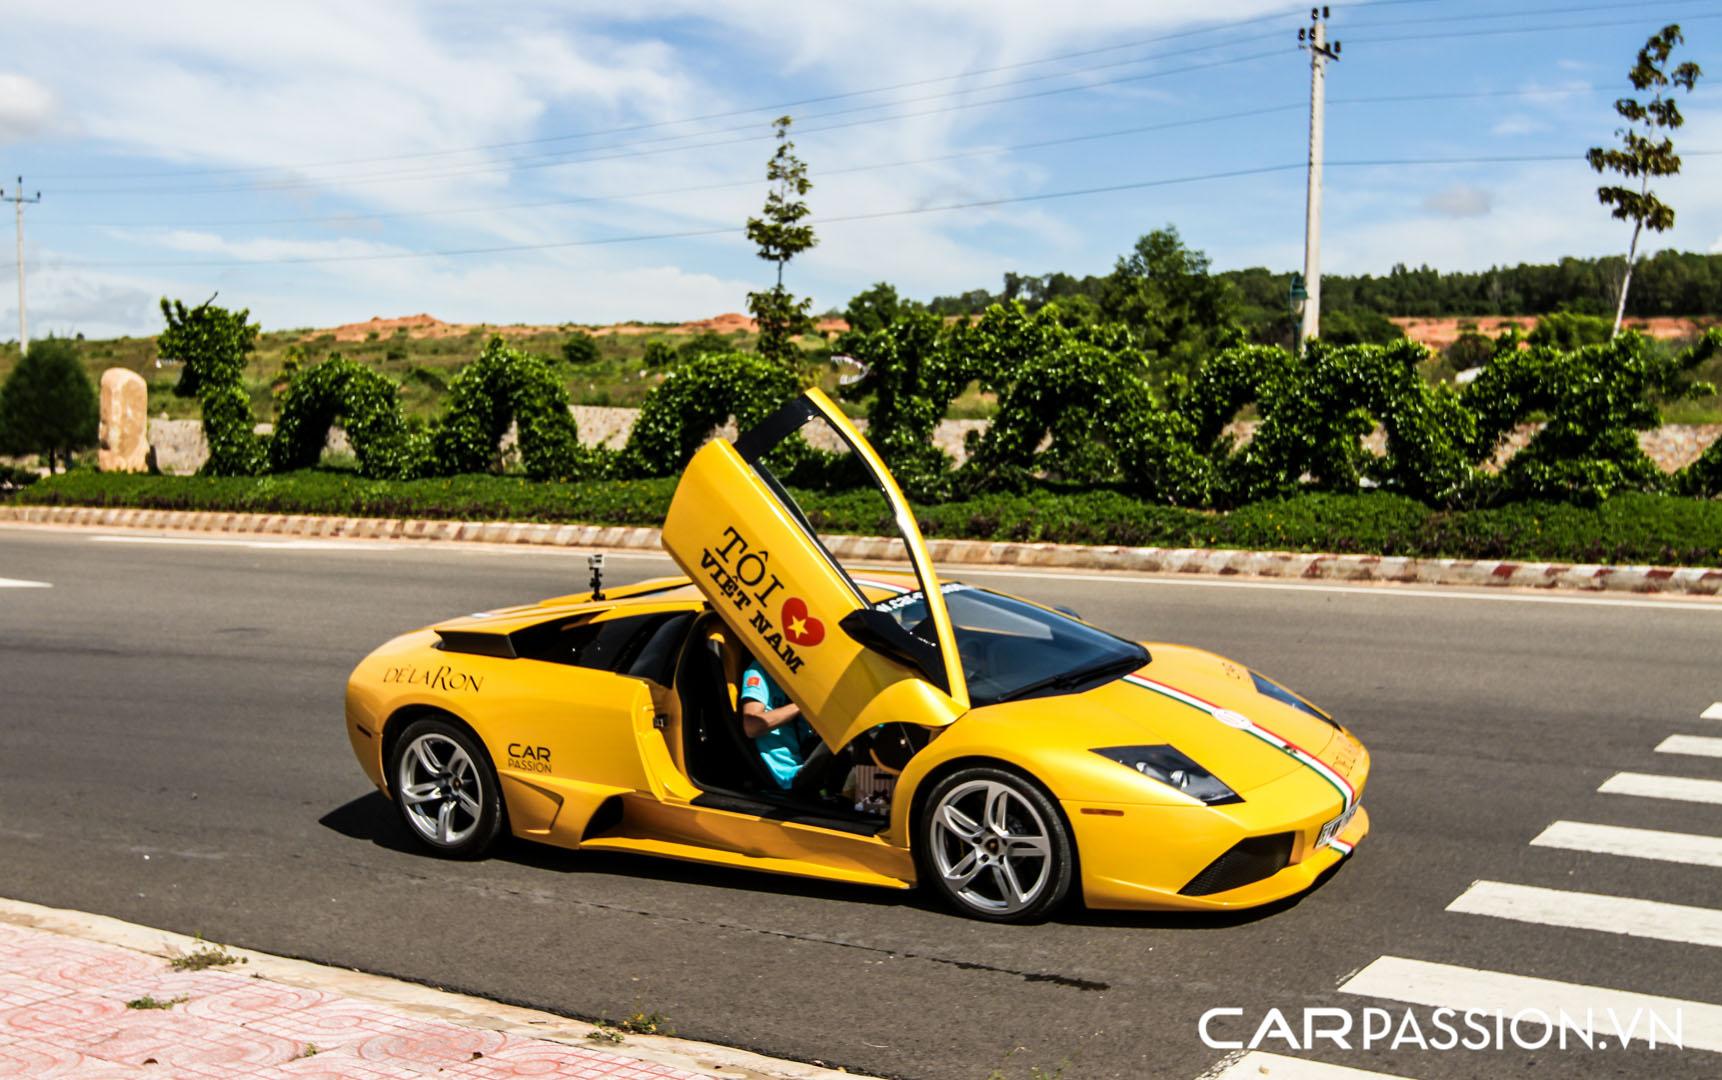 CP-Hành trình siêu xe CarPassion 2011 Day 2 (92).jpg